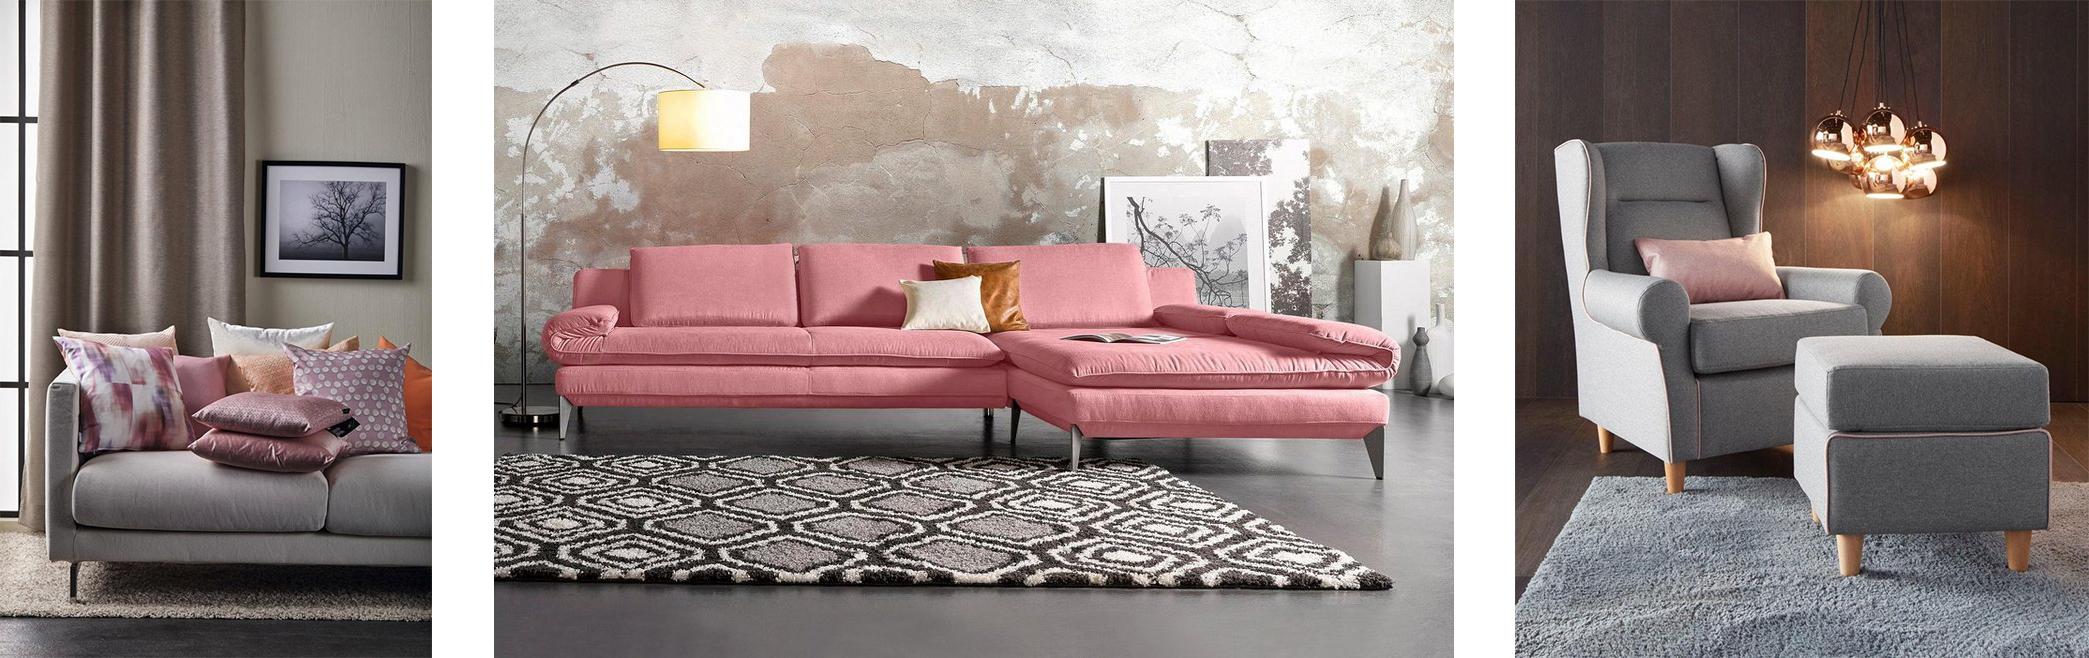 pink wonen 2